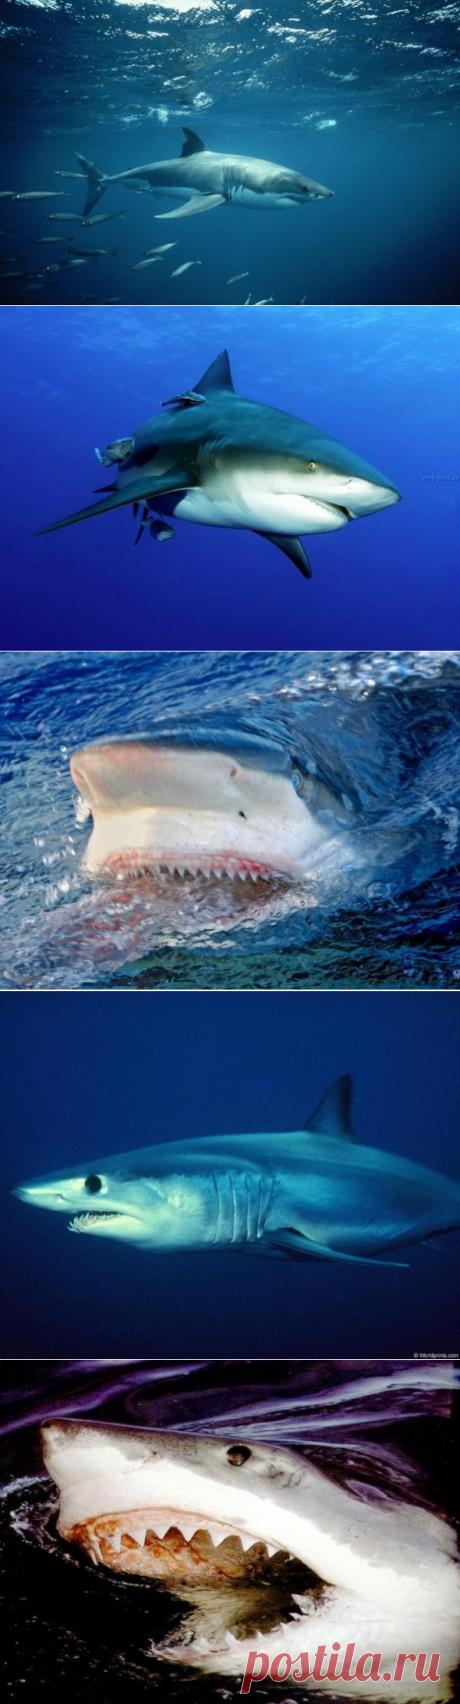 Так ли страшны акулы, как их малюют?